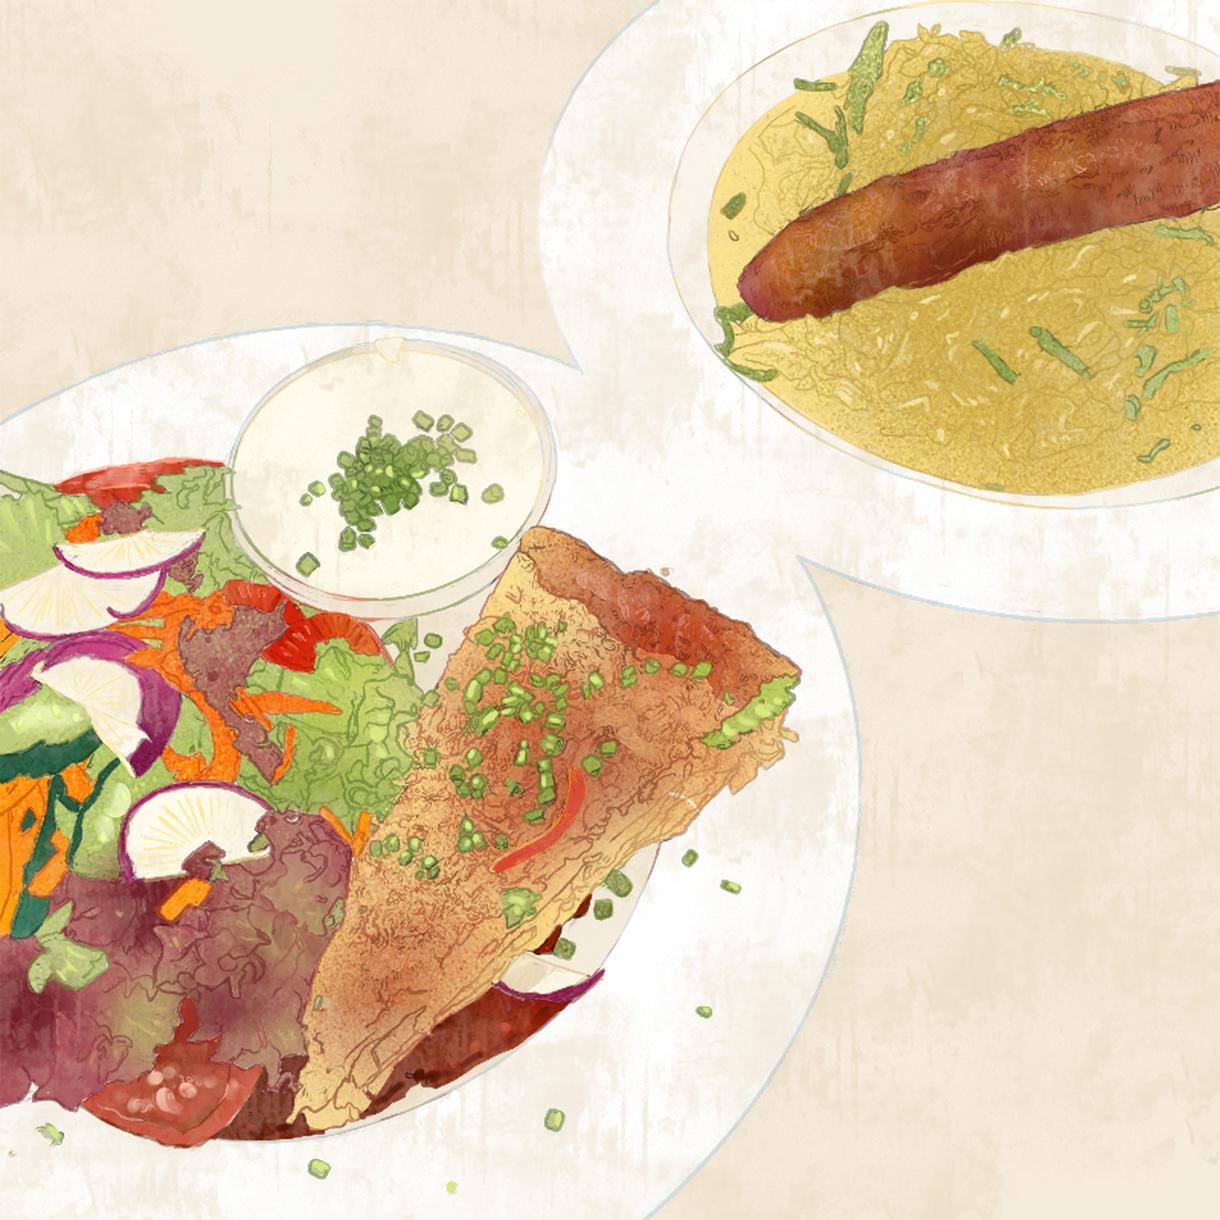 リアリティのある食べ物のイラスト描きます リアリティに加え、絵ならではの鮮やかさをお届けします!